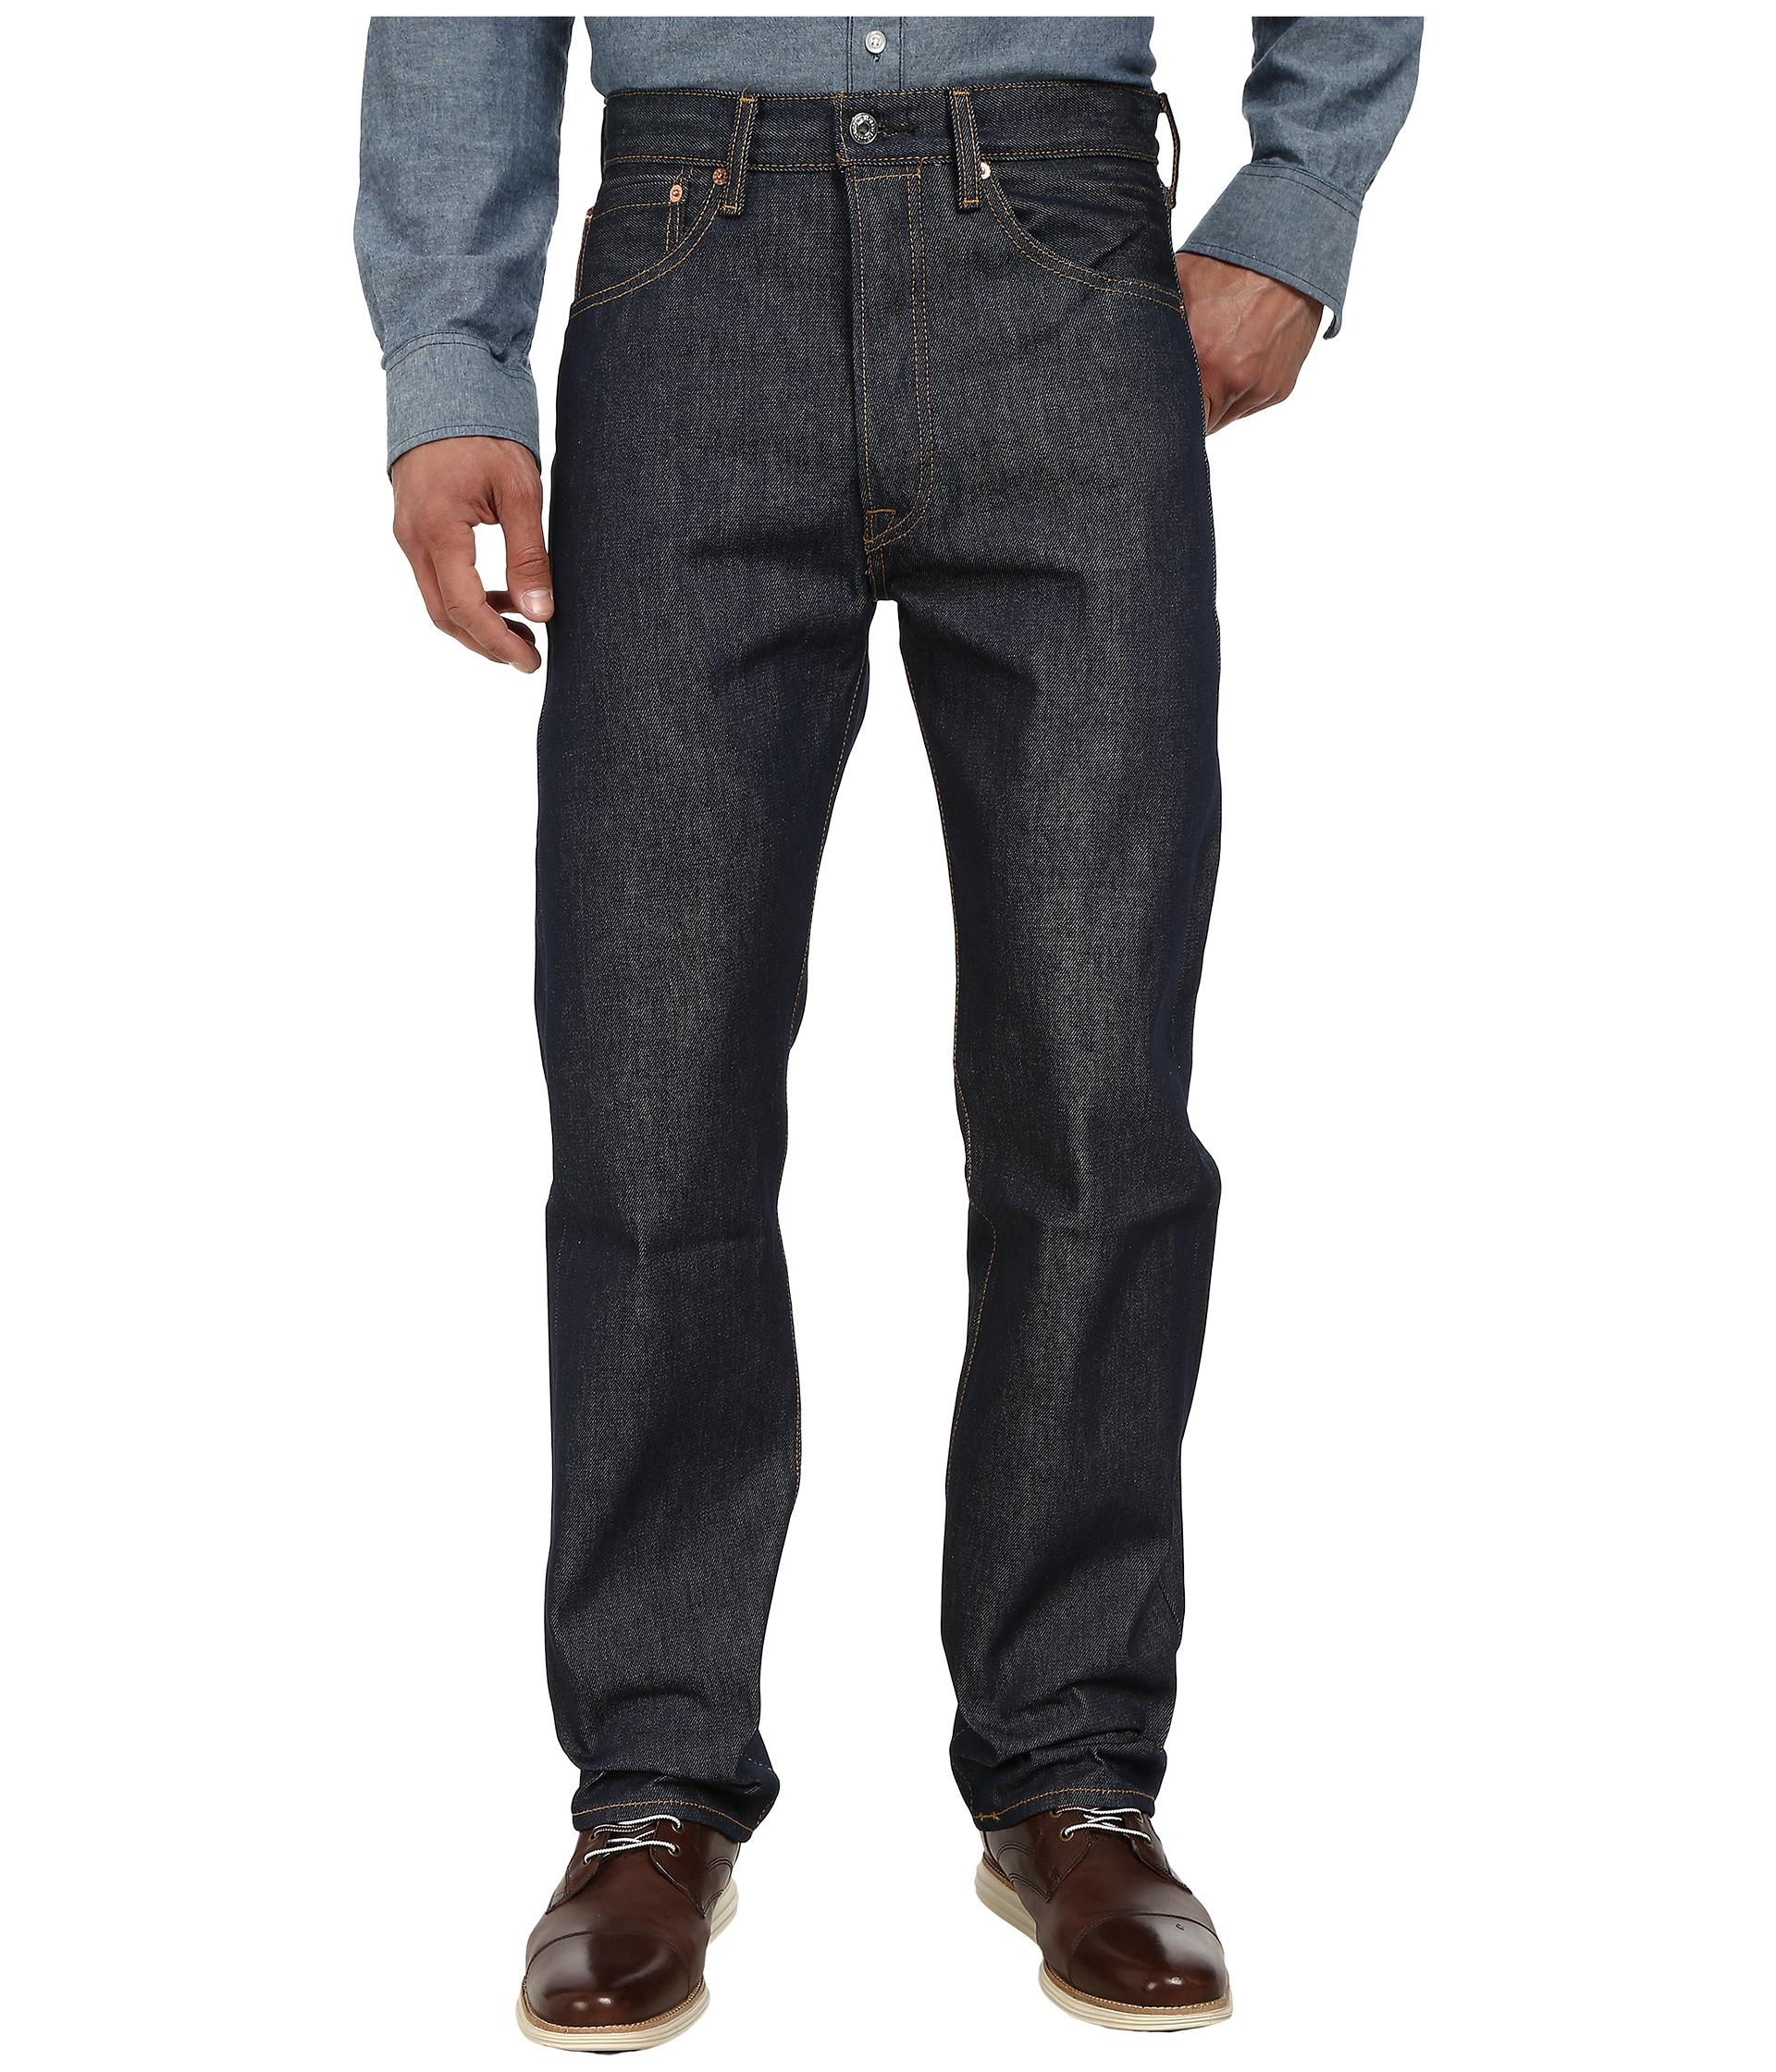 levi 39 s mens 501 original shrink to fit jeans at. Black Bedroom Furniture Sets. Home Design Ideas